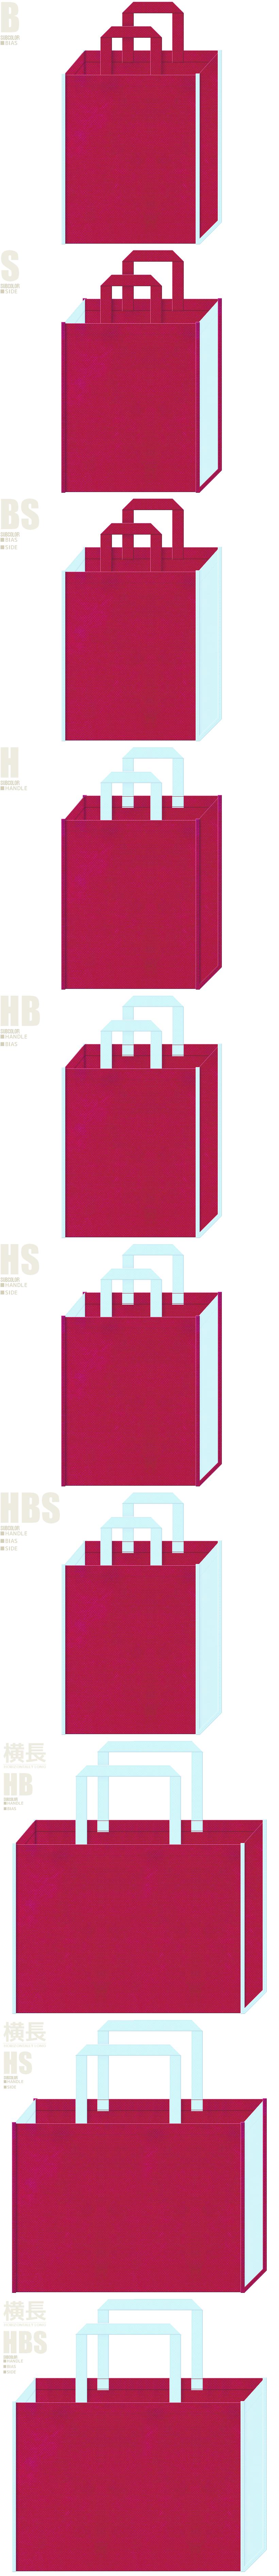 マーメイド・テーマパーク・キッズイベントにお奨めの不織布バッグのデザイン:濃いピンク色と水色の配色7パターン